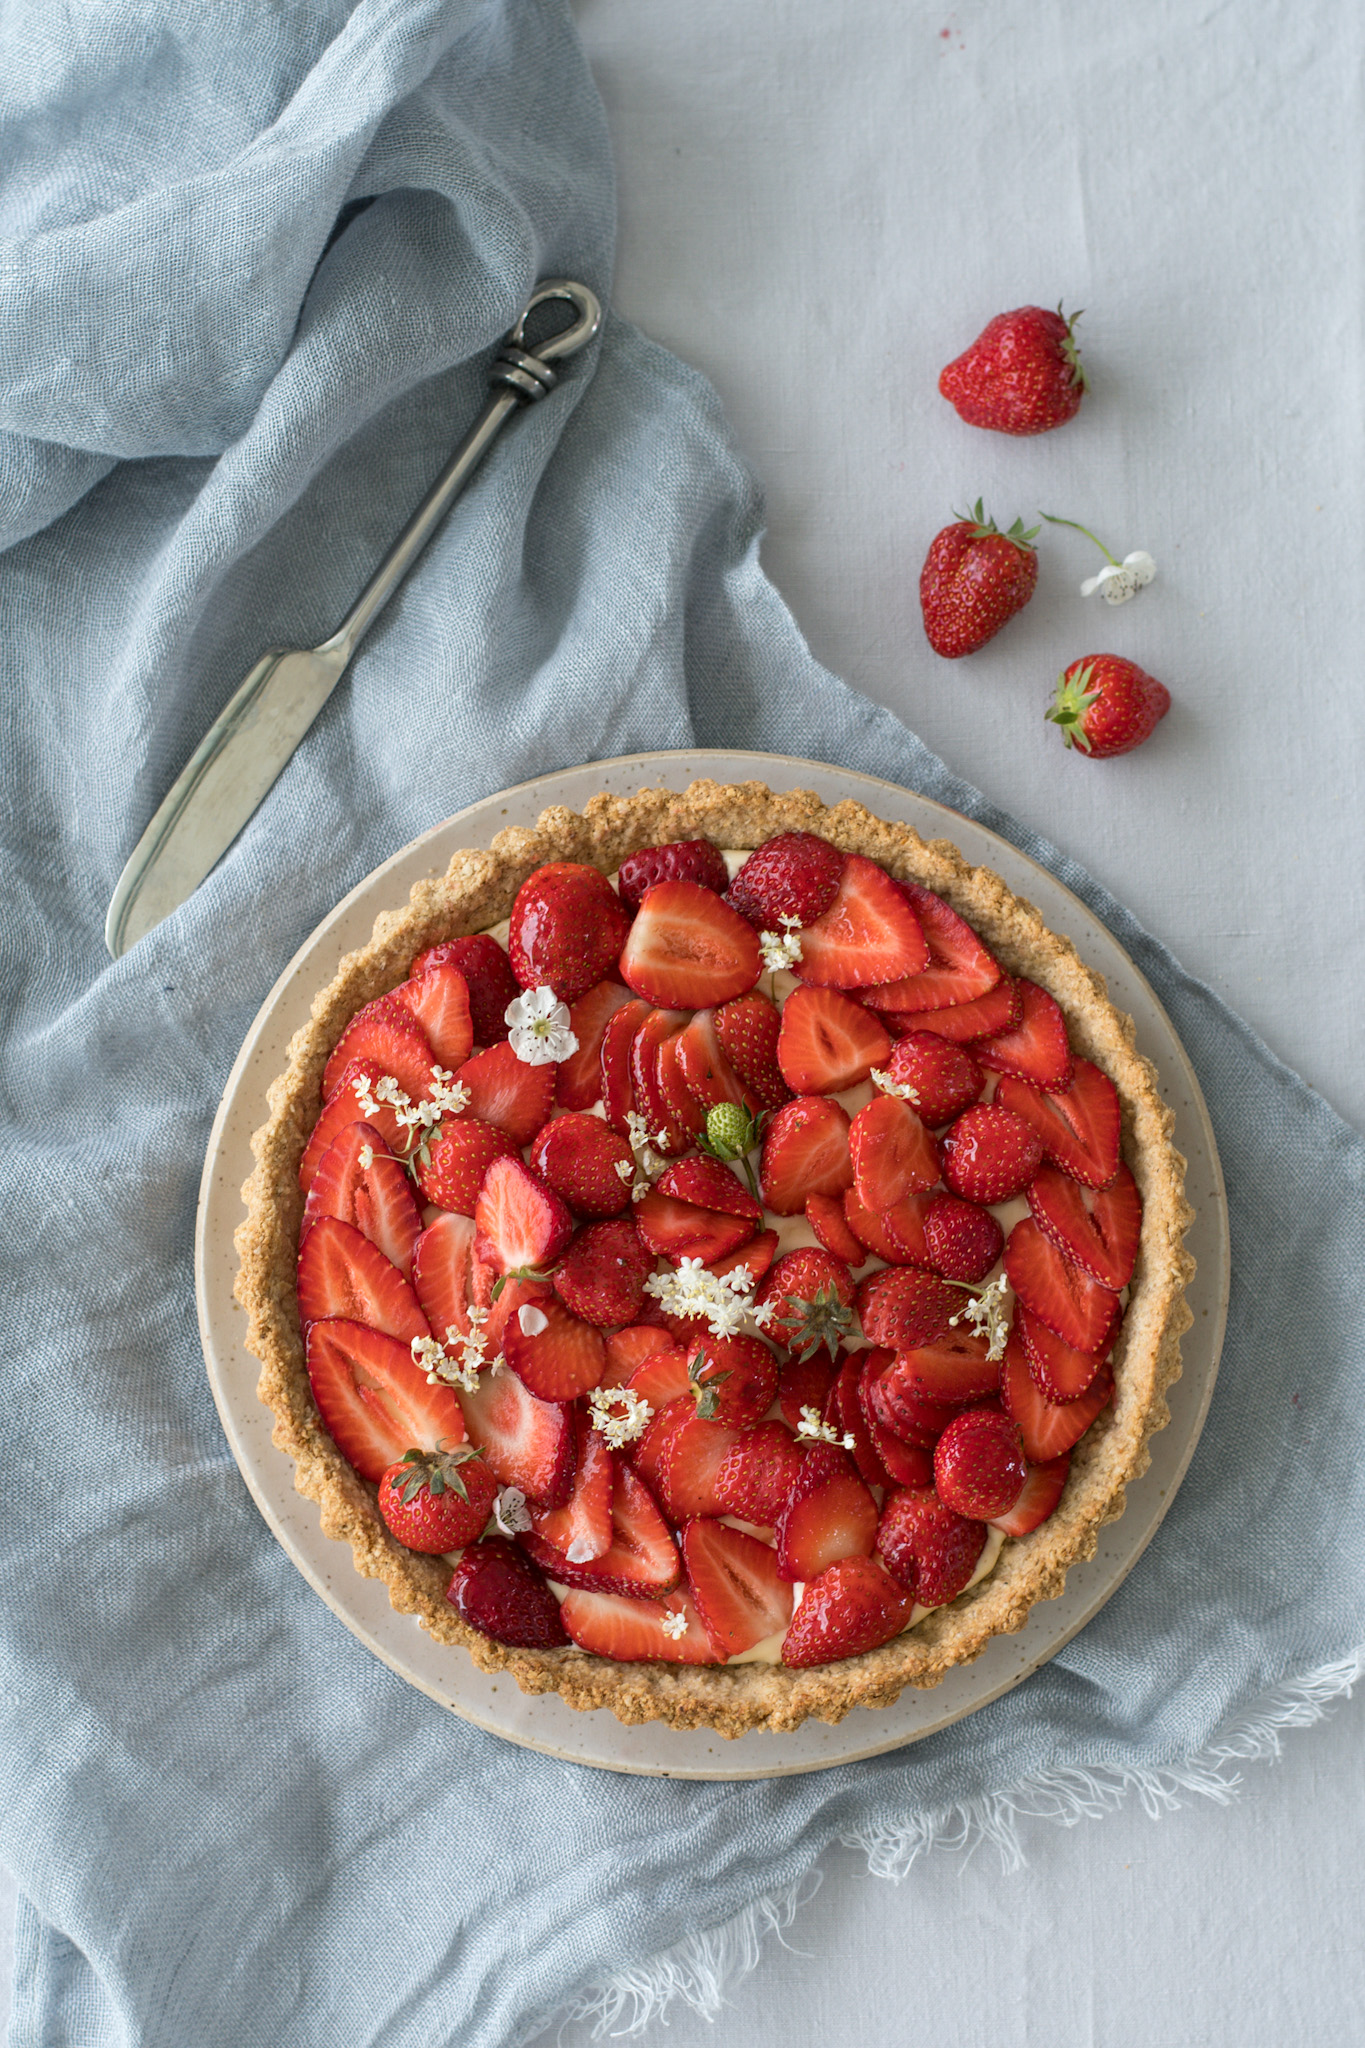 Strawberry & Elderflower Tart with an Oat & Almond Crust.3